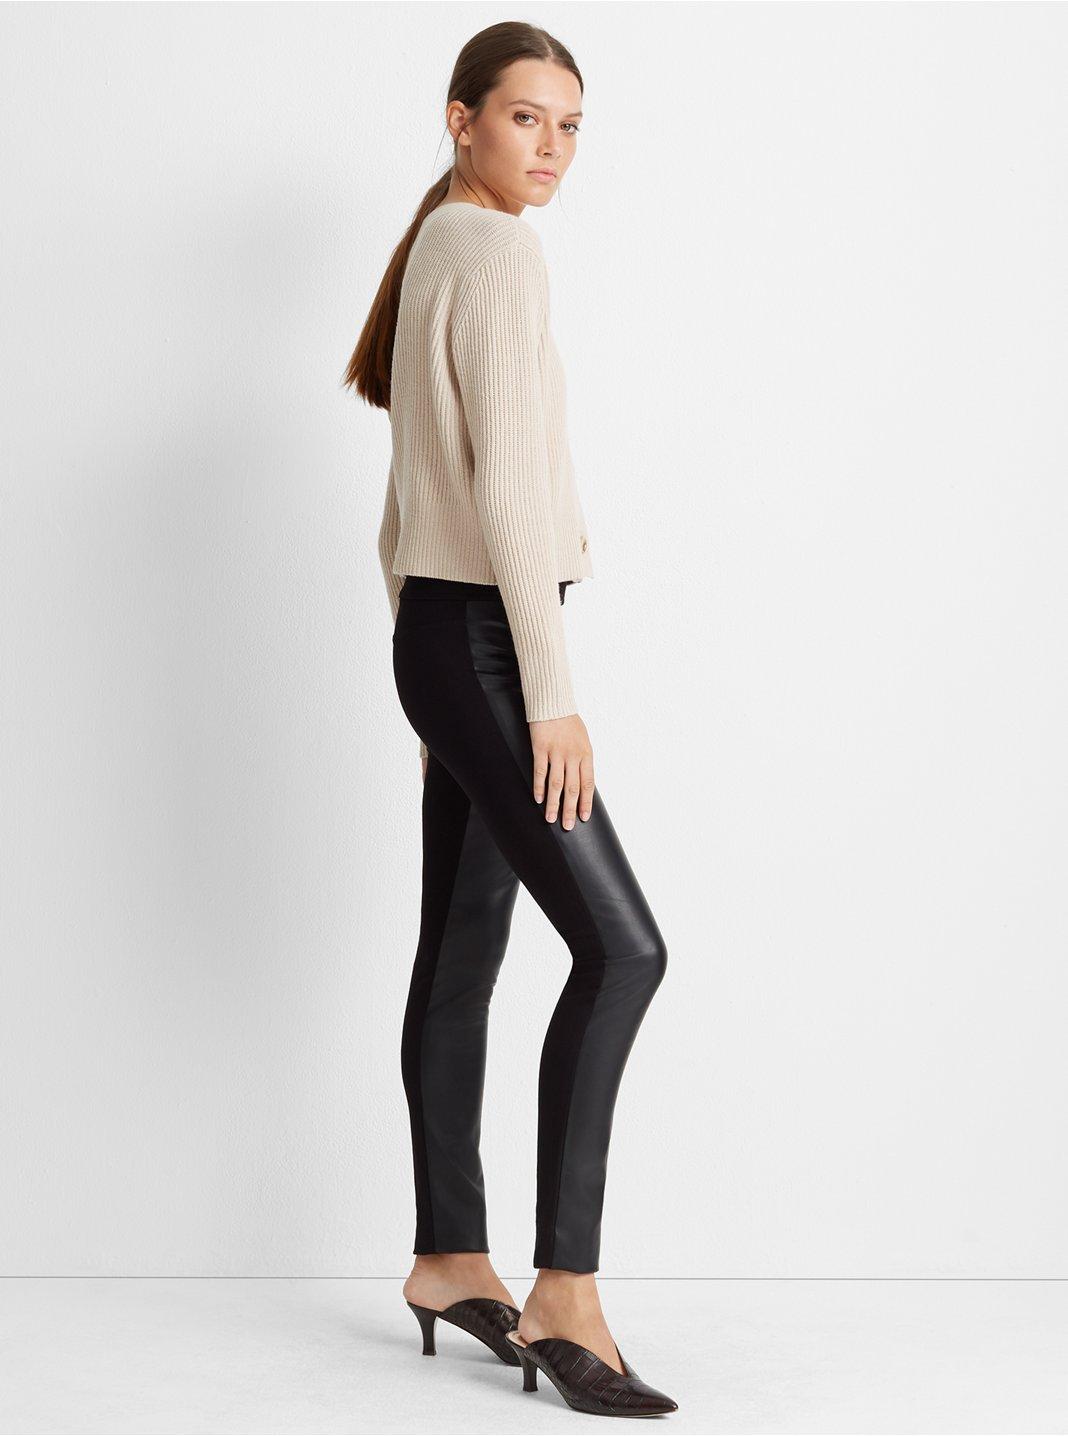 Tasha Faux Leather Legging